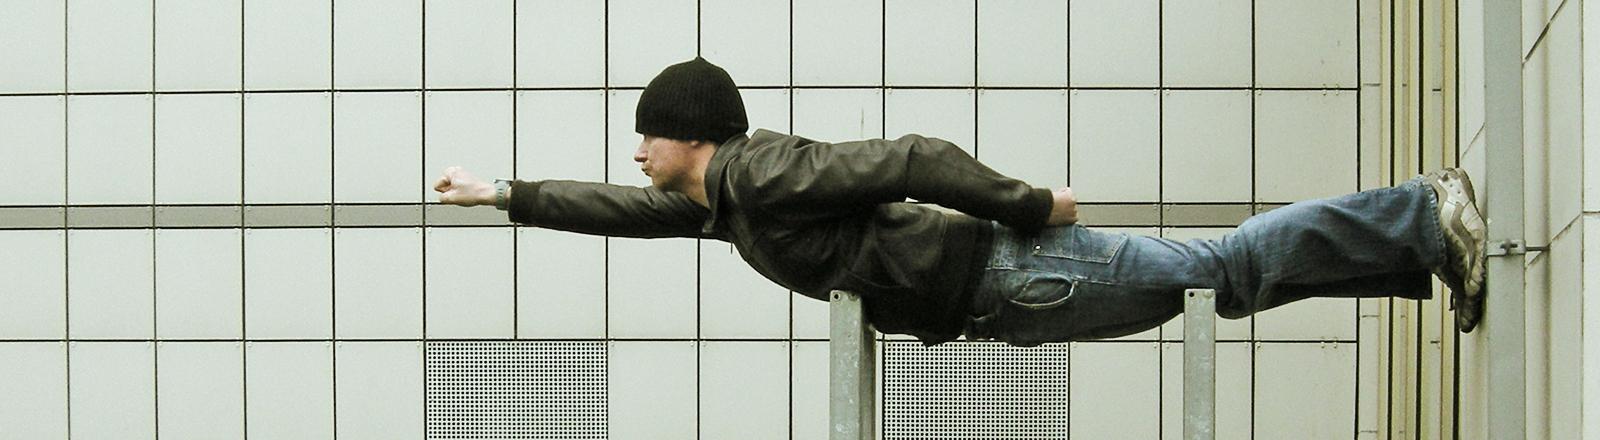 Ein Mann liegt waagerecht auf zwei Pfosten, er streckt den rechten Arm nach vorne. Er sieht aus wie ein fliegender Superheld.